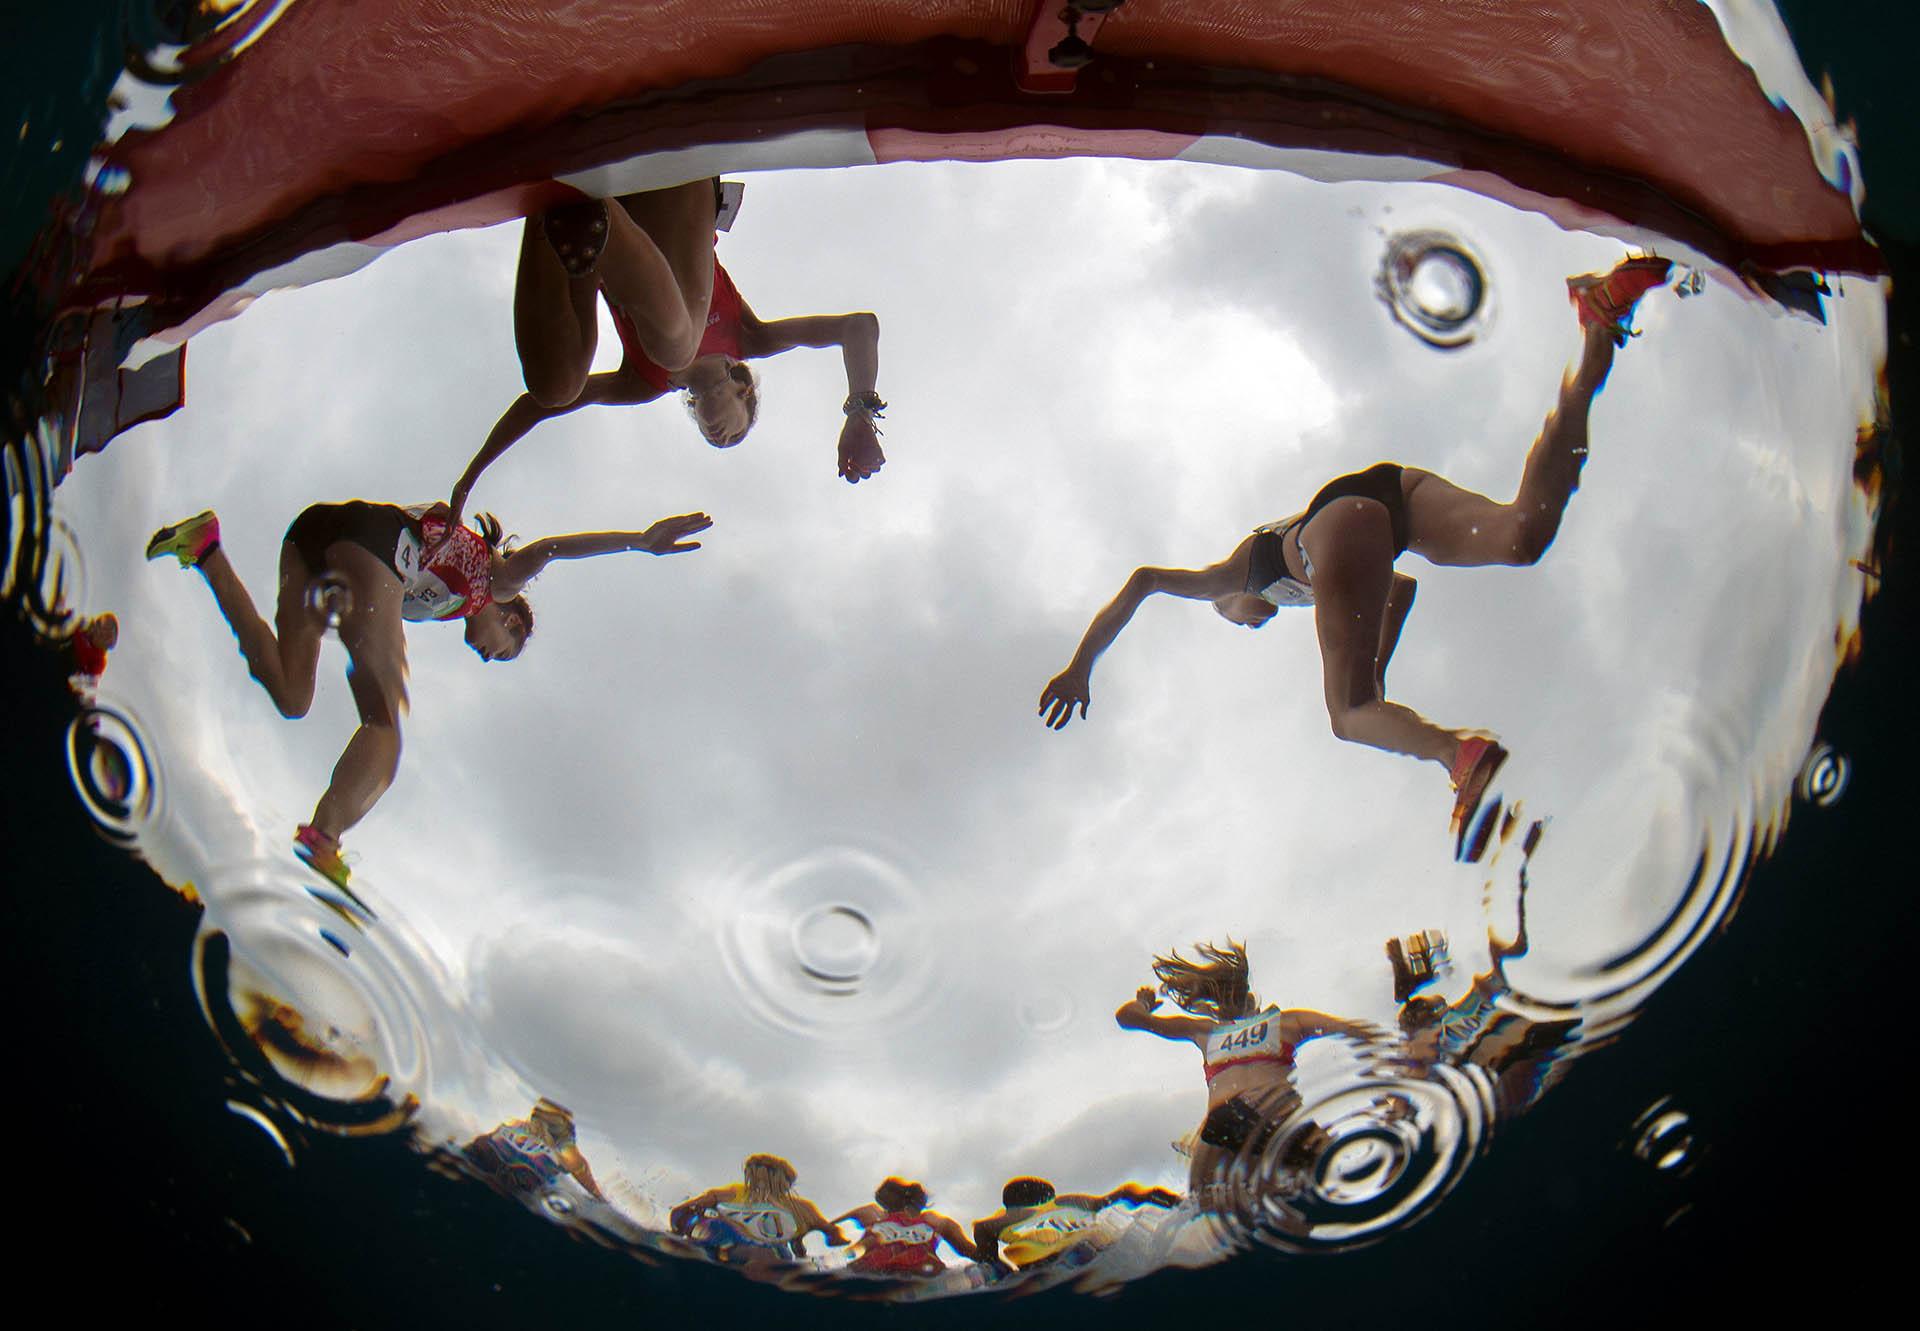 Los atletas en acción durante la carrera de 3000 metros femenina (Foto: REUTERS)